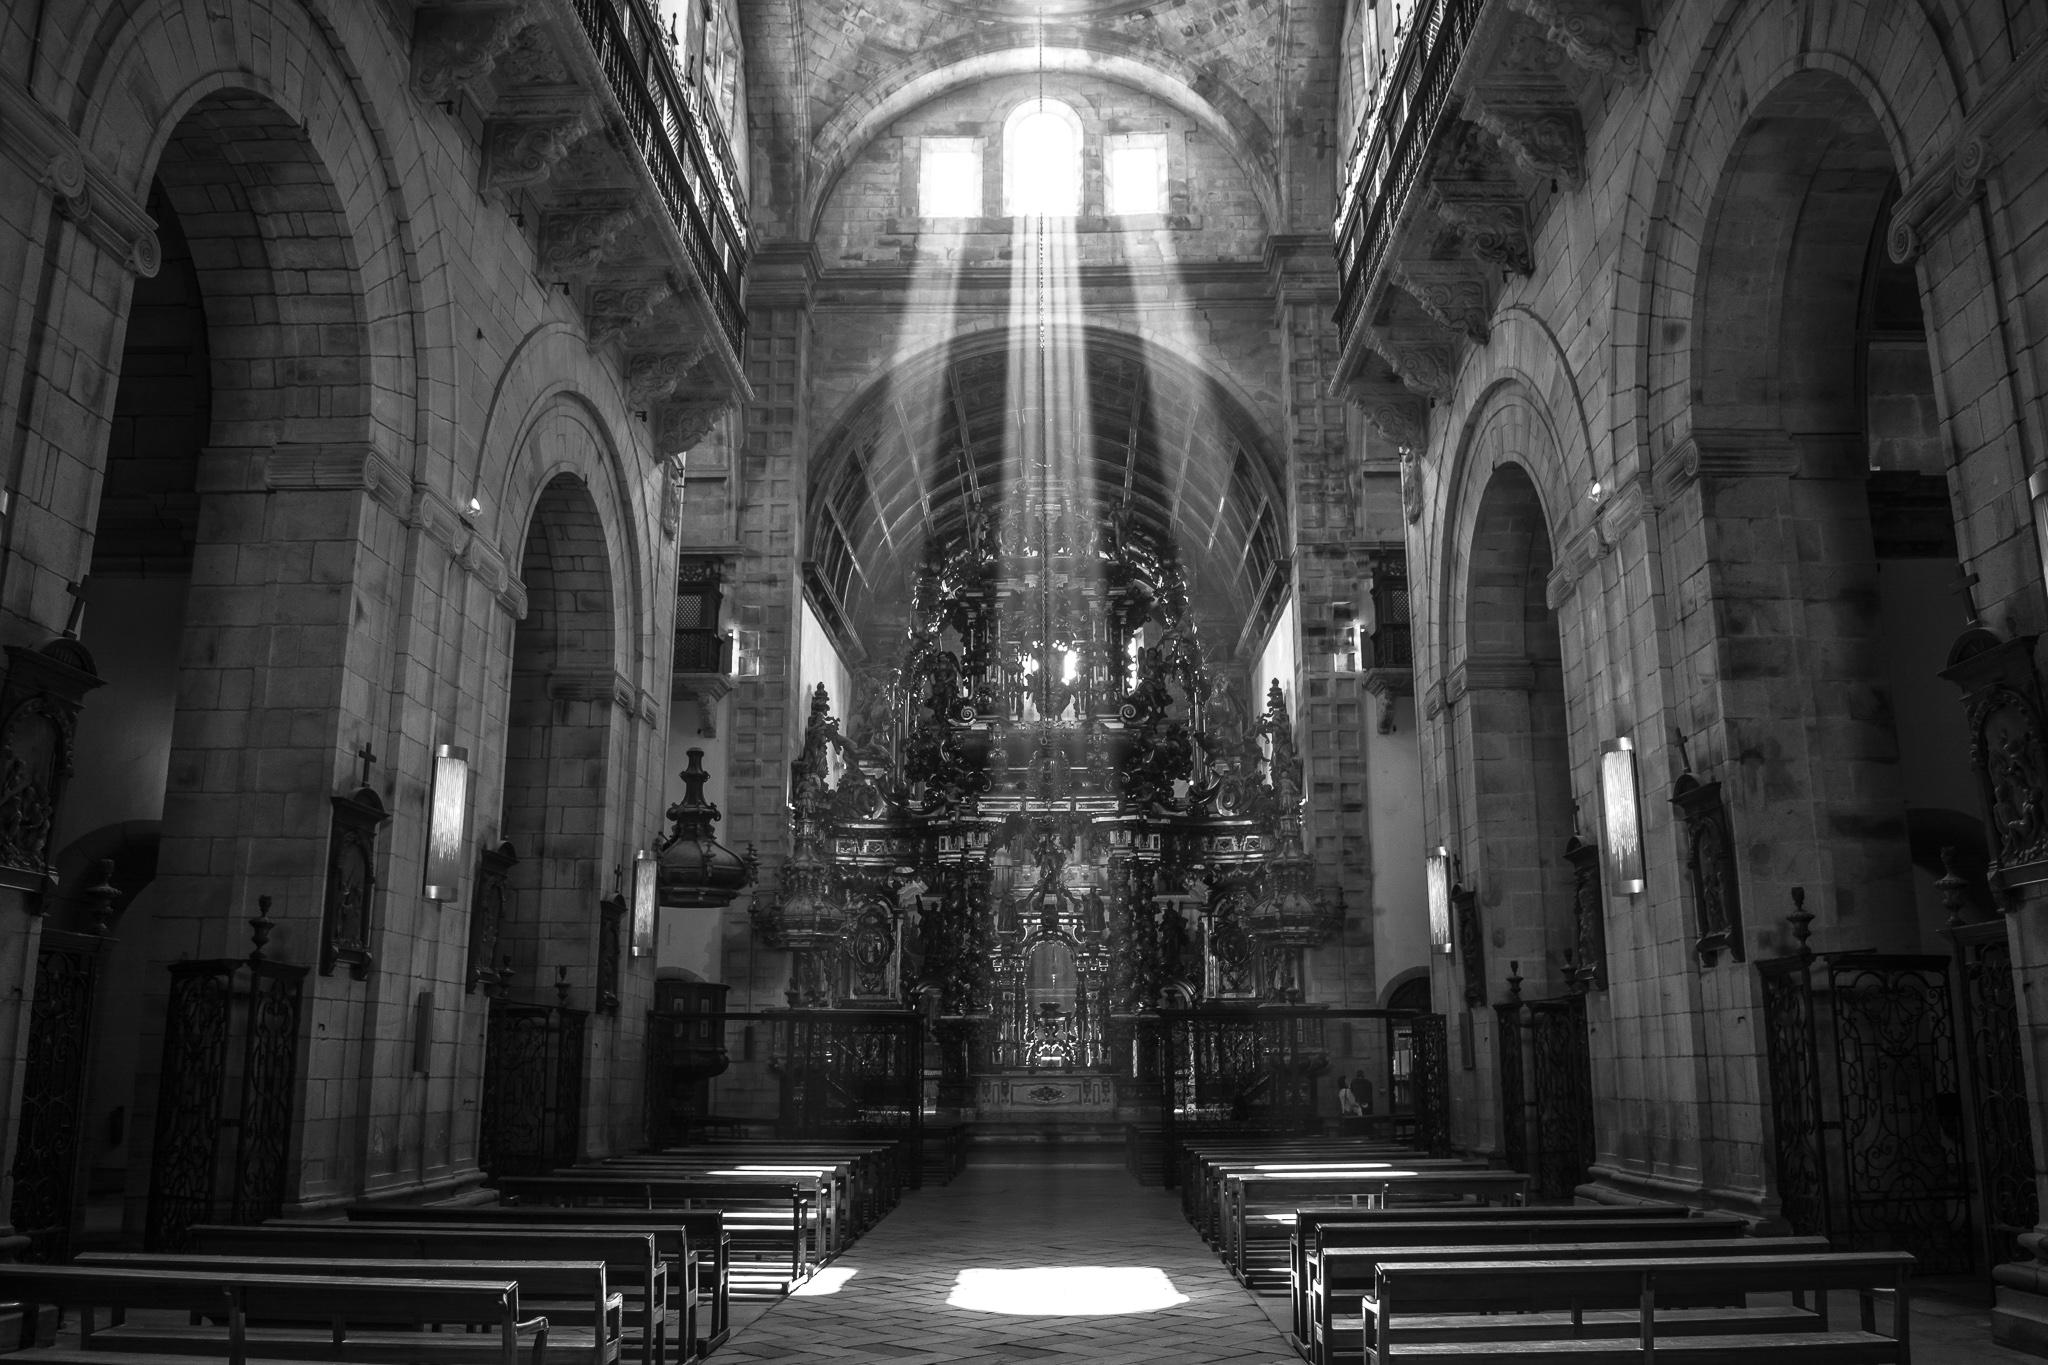 El monasterio benedictino de San Martín Pinario, que se sitúa a pocos metros de la Catedral frente la Plaza de la Azabachería, puede considerarse junto a esta uno de los conjuntos más valiosos del barroco gallego.<br> El monasterio, que data del siglo XVI, funciona en la actualidad como hospedería y como sede del Seminario Mayor.